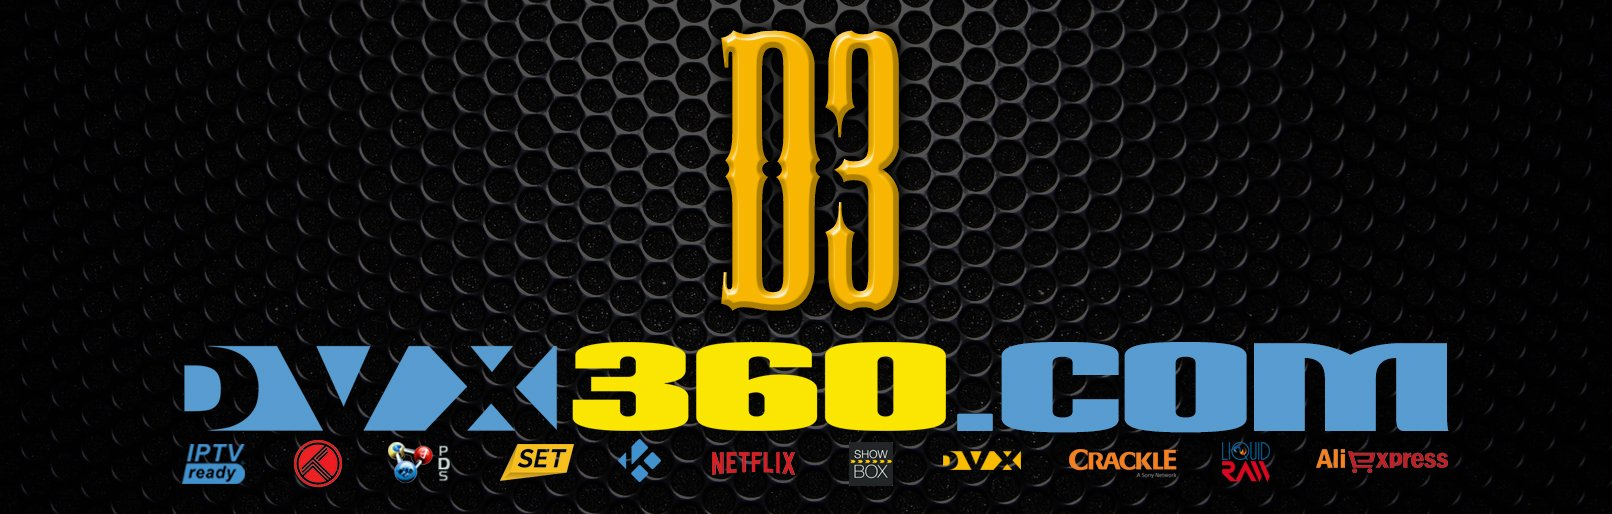 dvx360FB